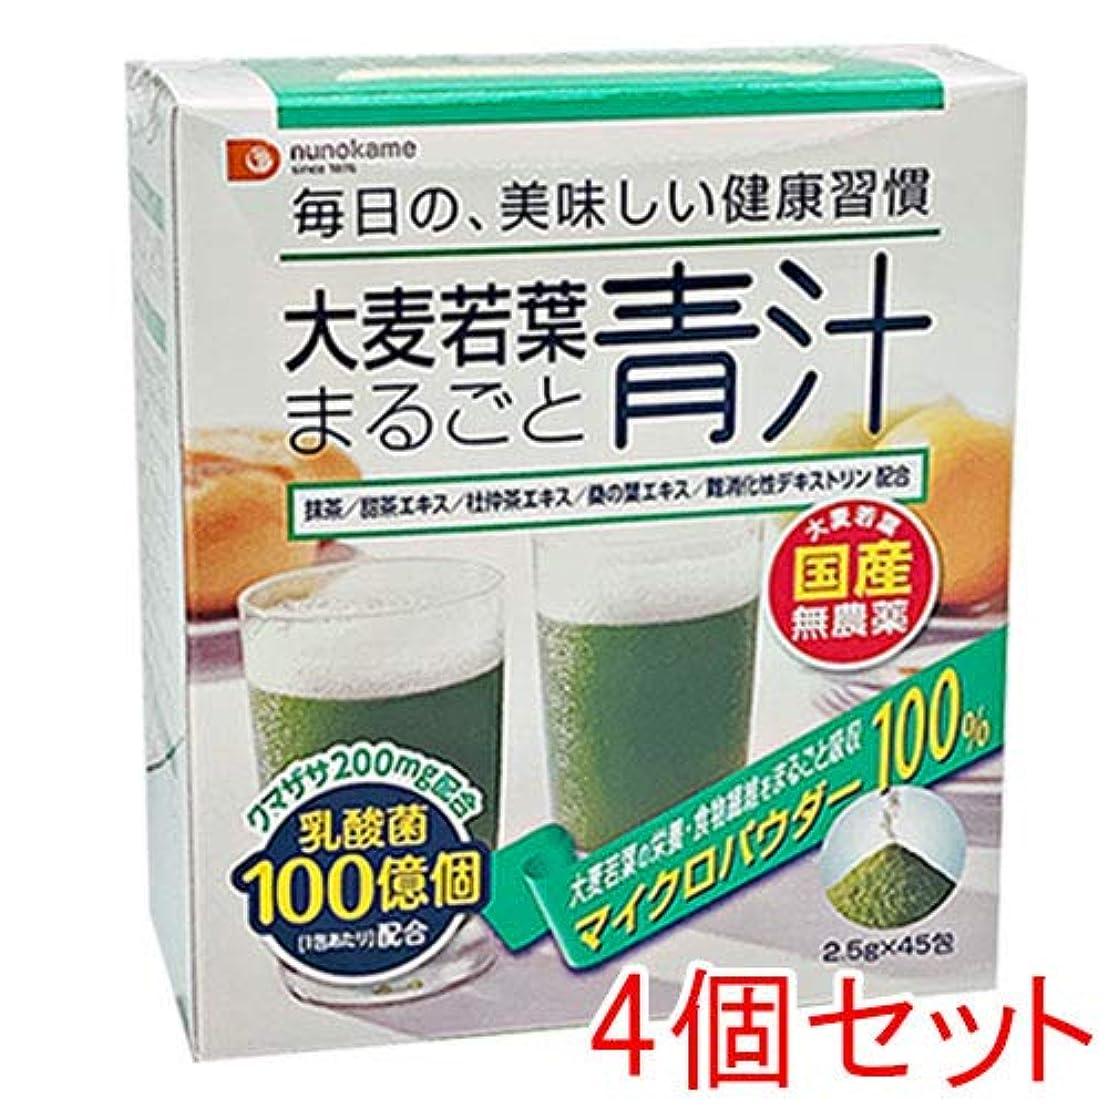 エリート酸度未知の大麦若葉まるごと青汁 4個セット [2.5g×45包×4]